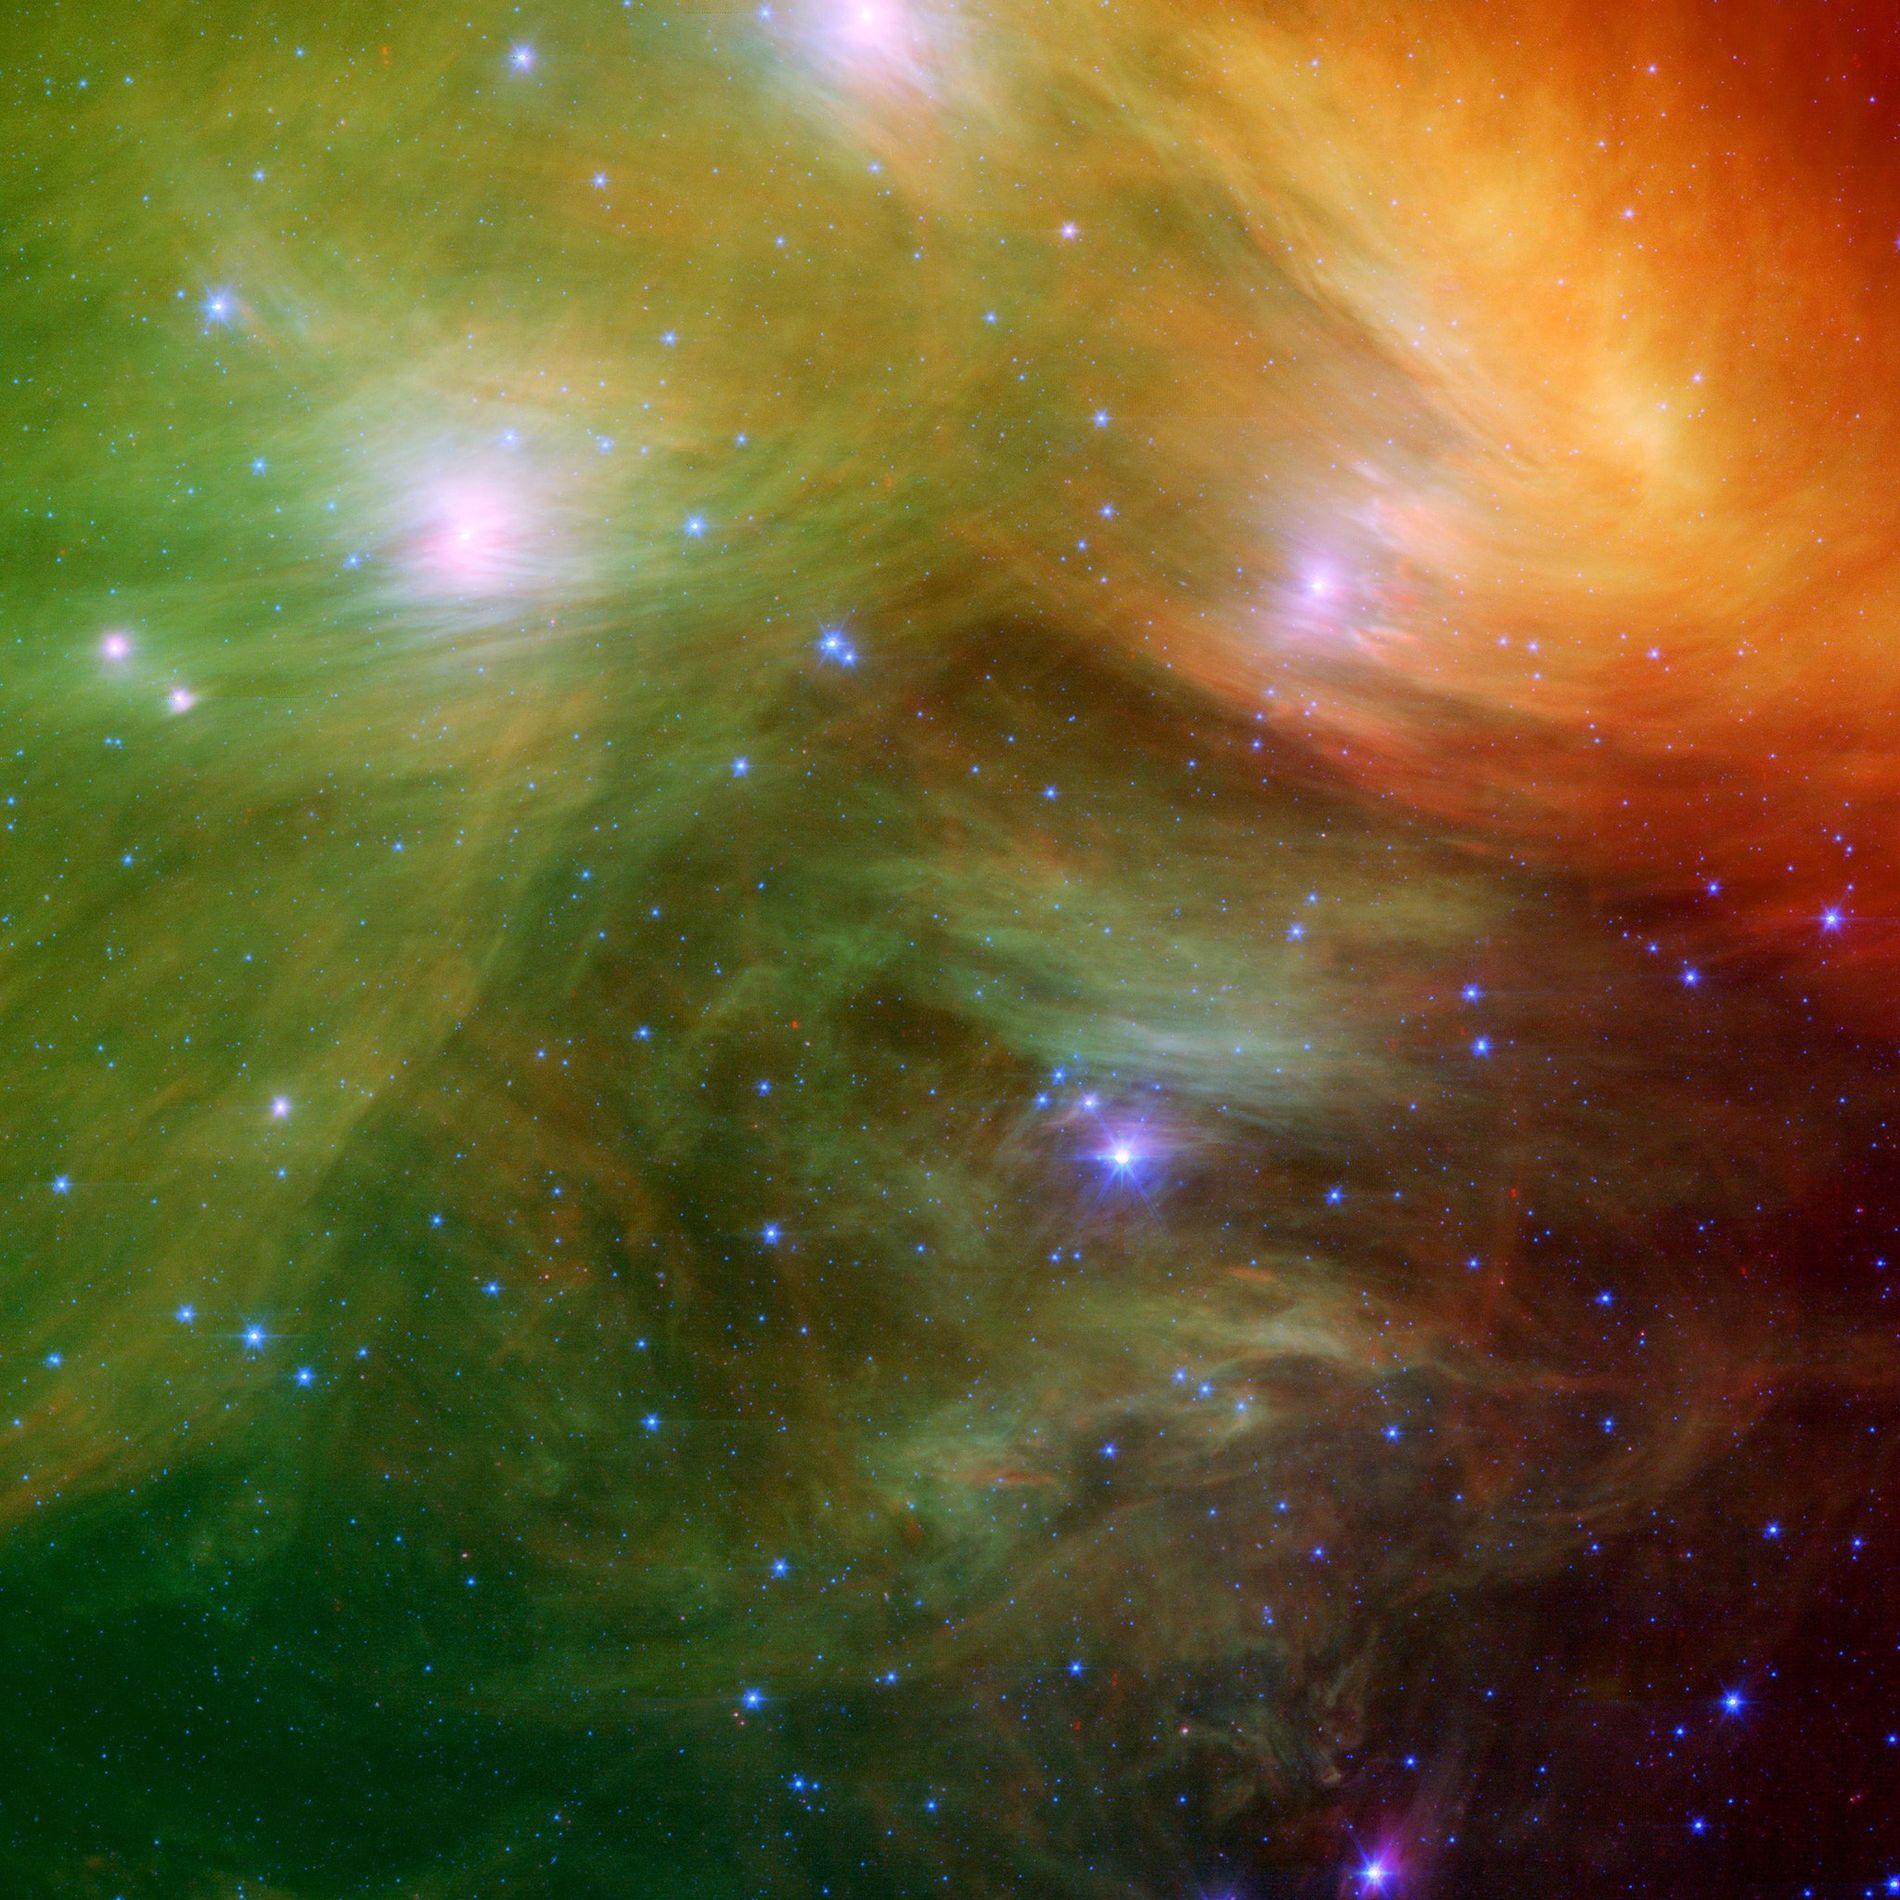 Die Plejaden, auch als Siebengestirn bekannt, strahlen auf dieser Infrarotaufnahme des Spitzer-Weltraumteleskops der NASA in einer ...